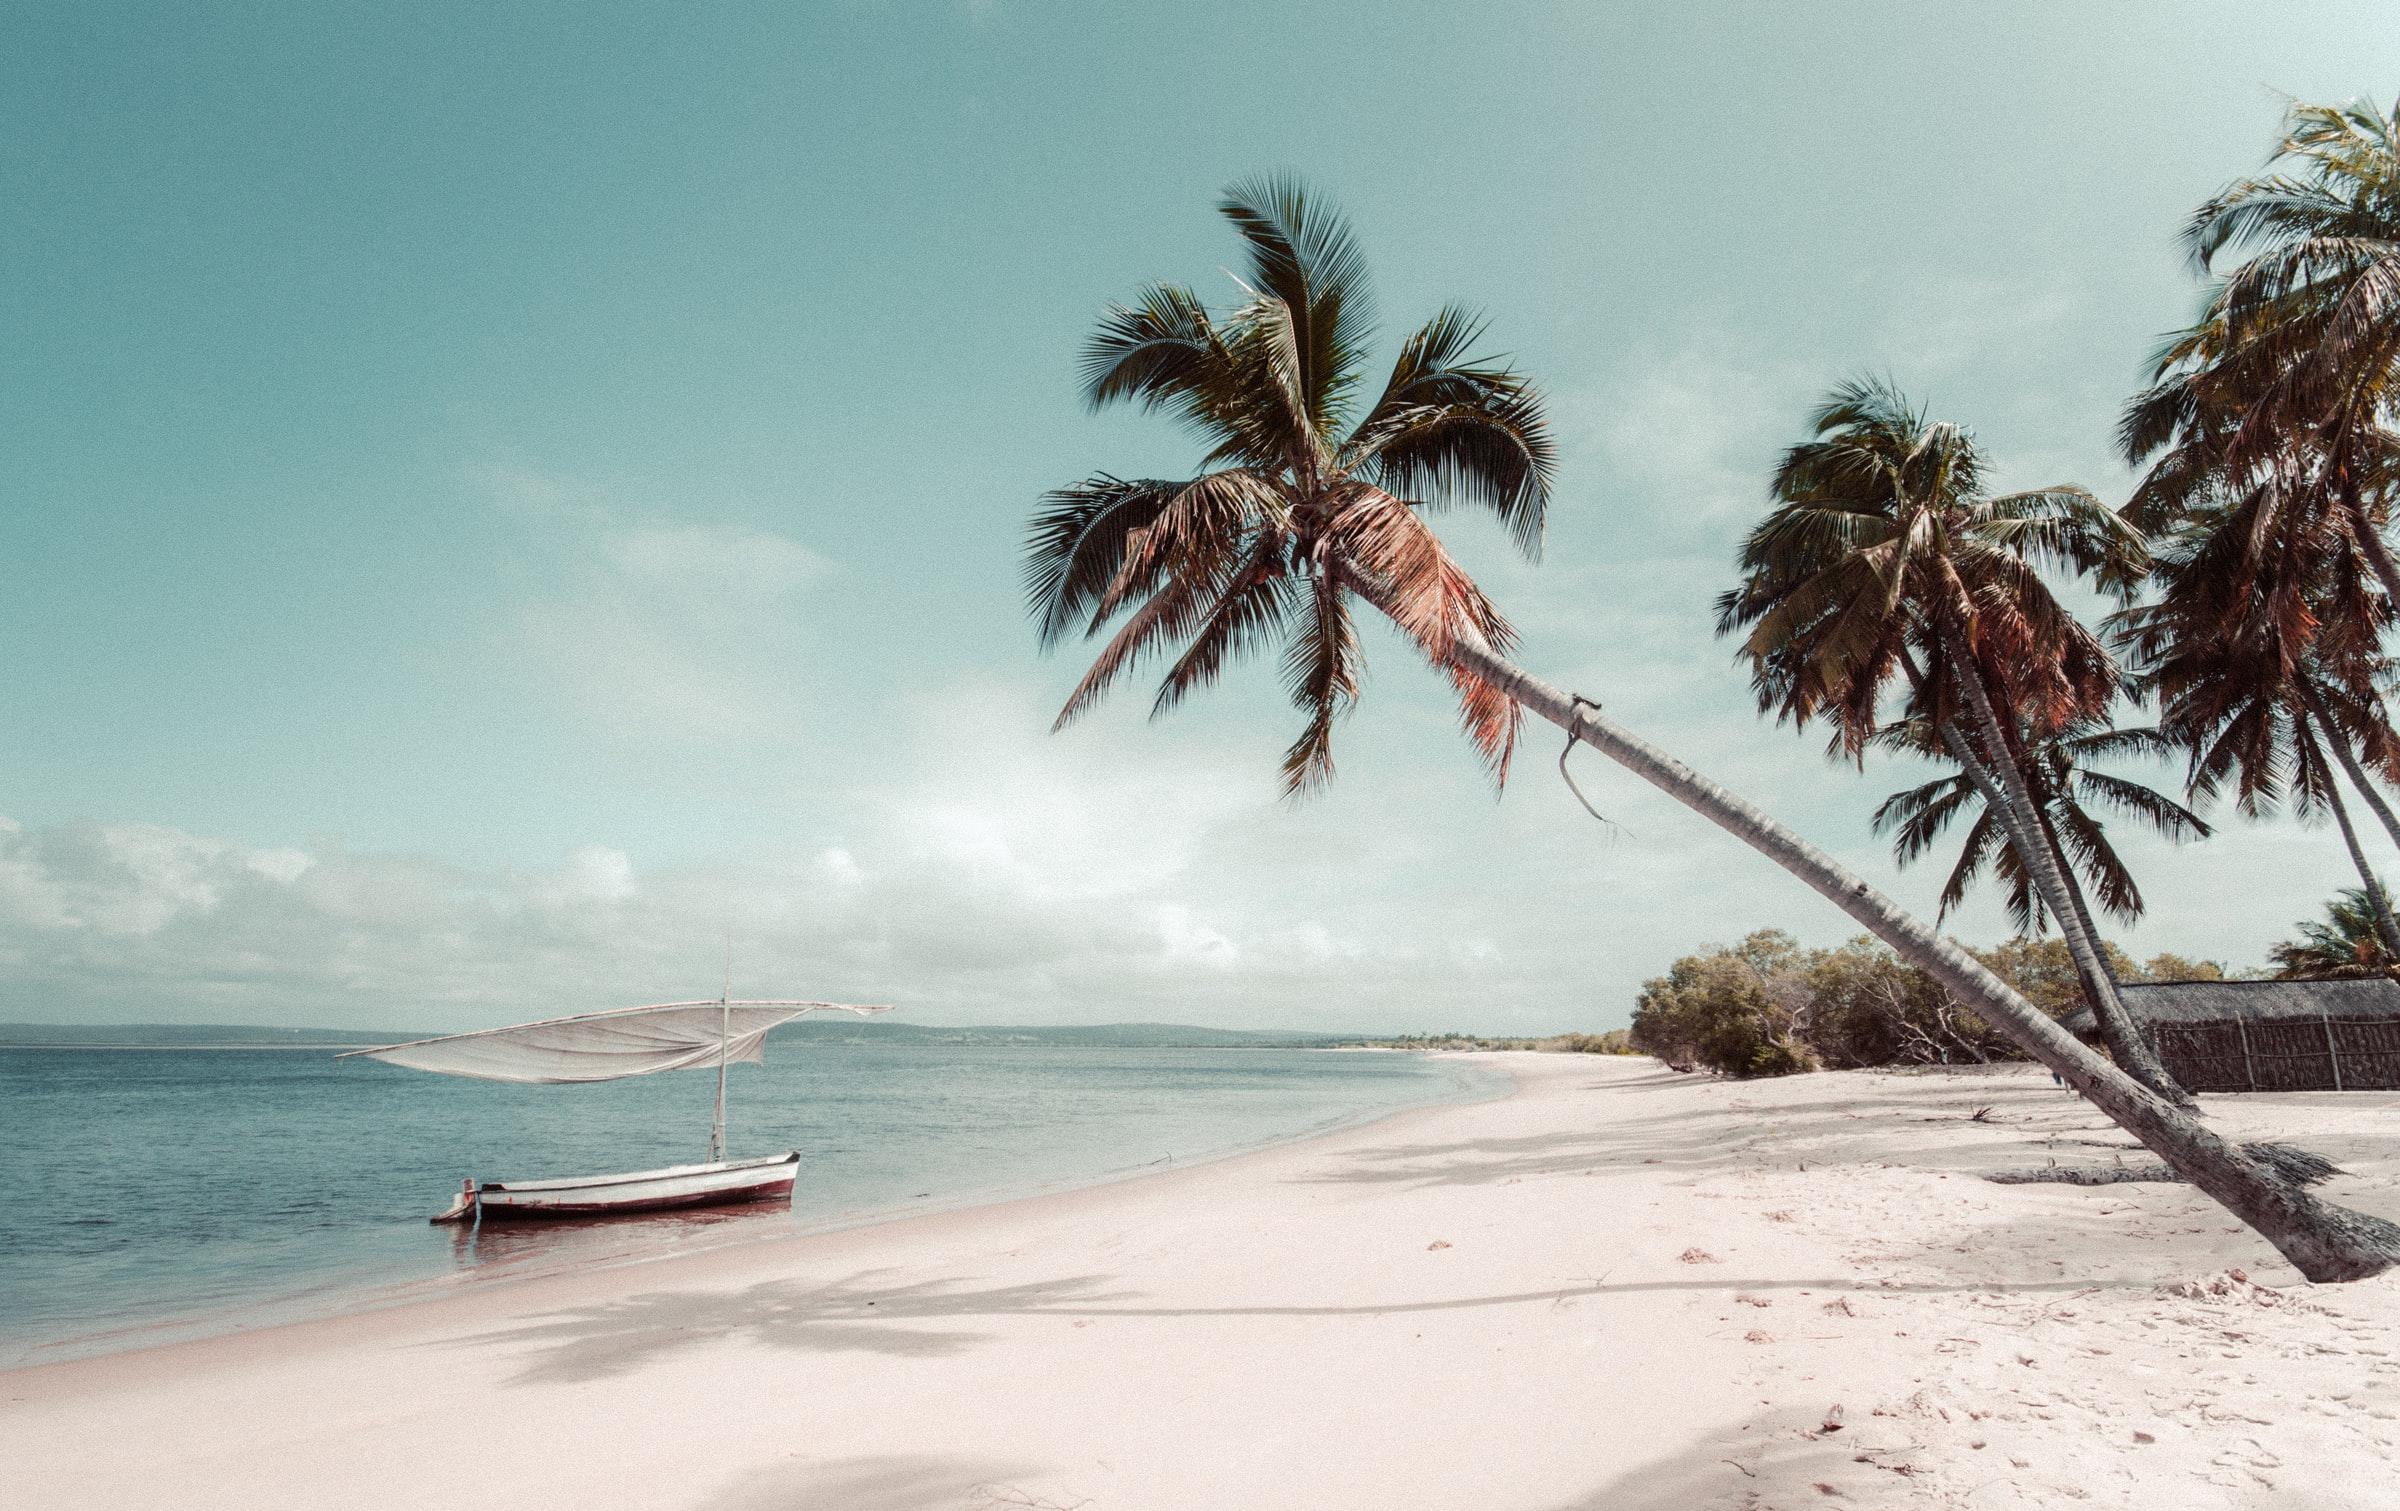 Mozambique, Pemba